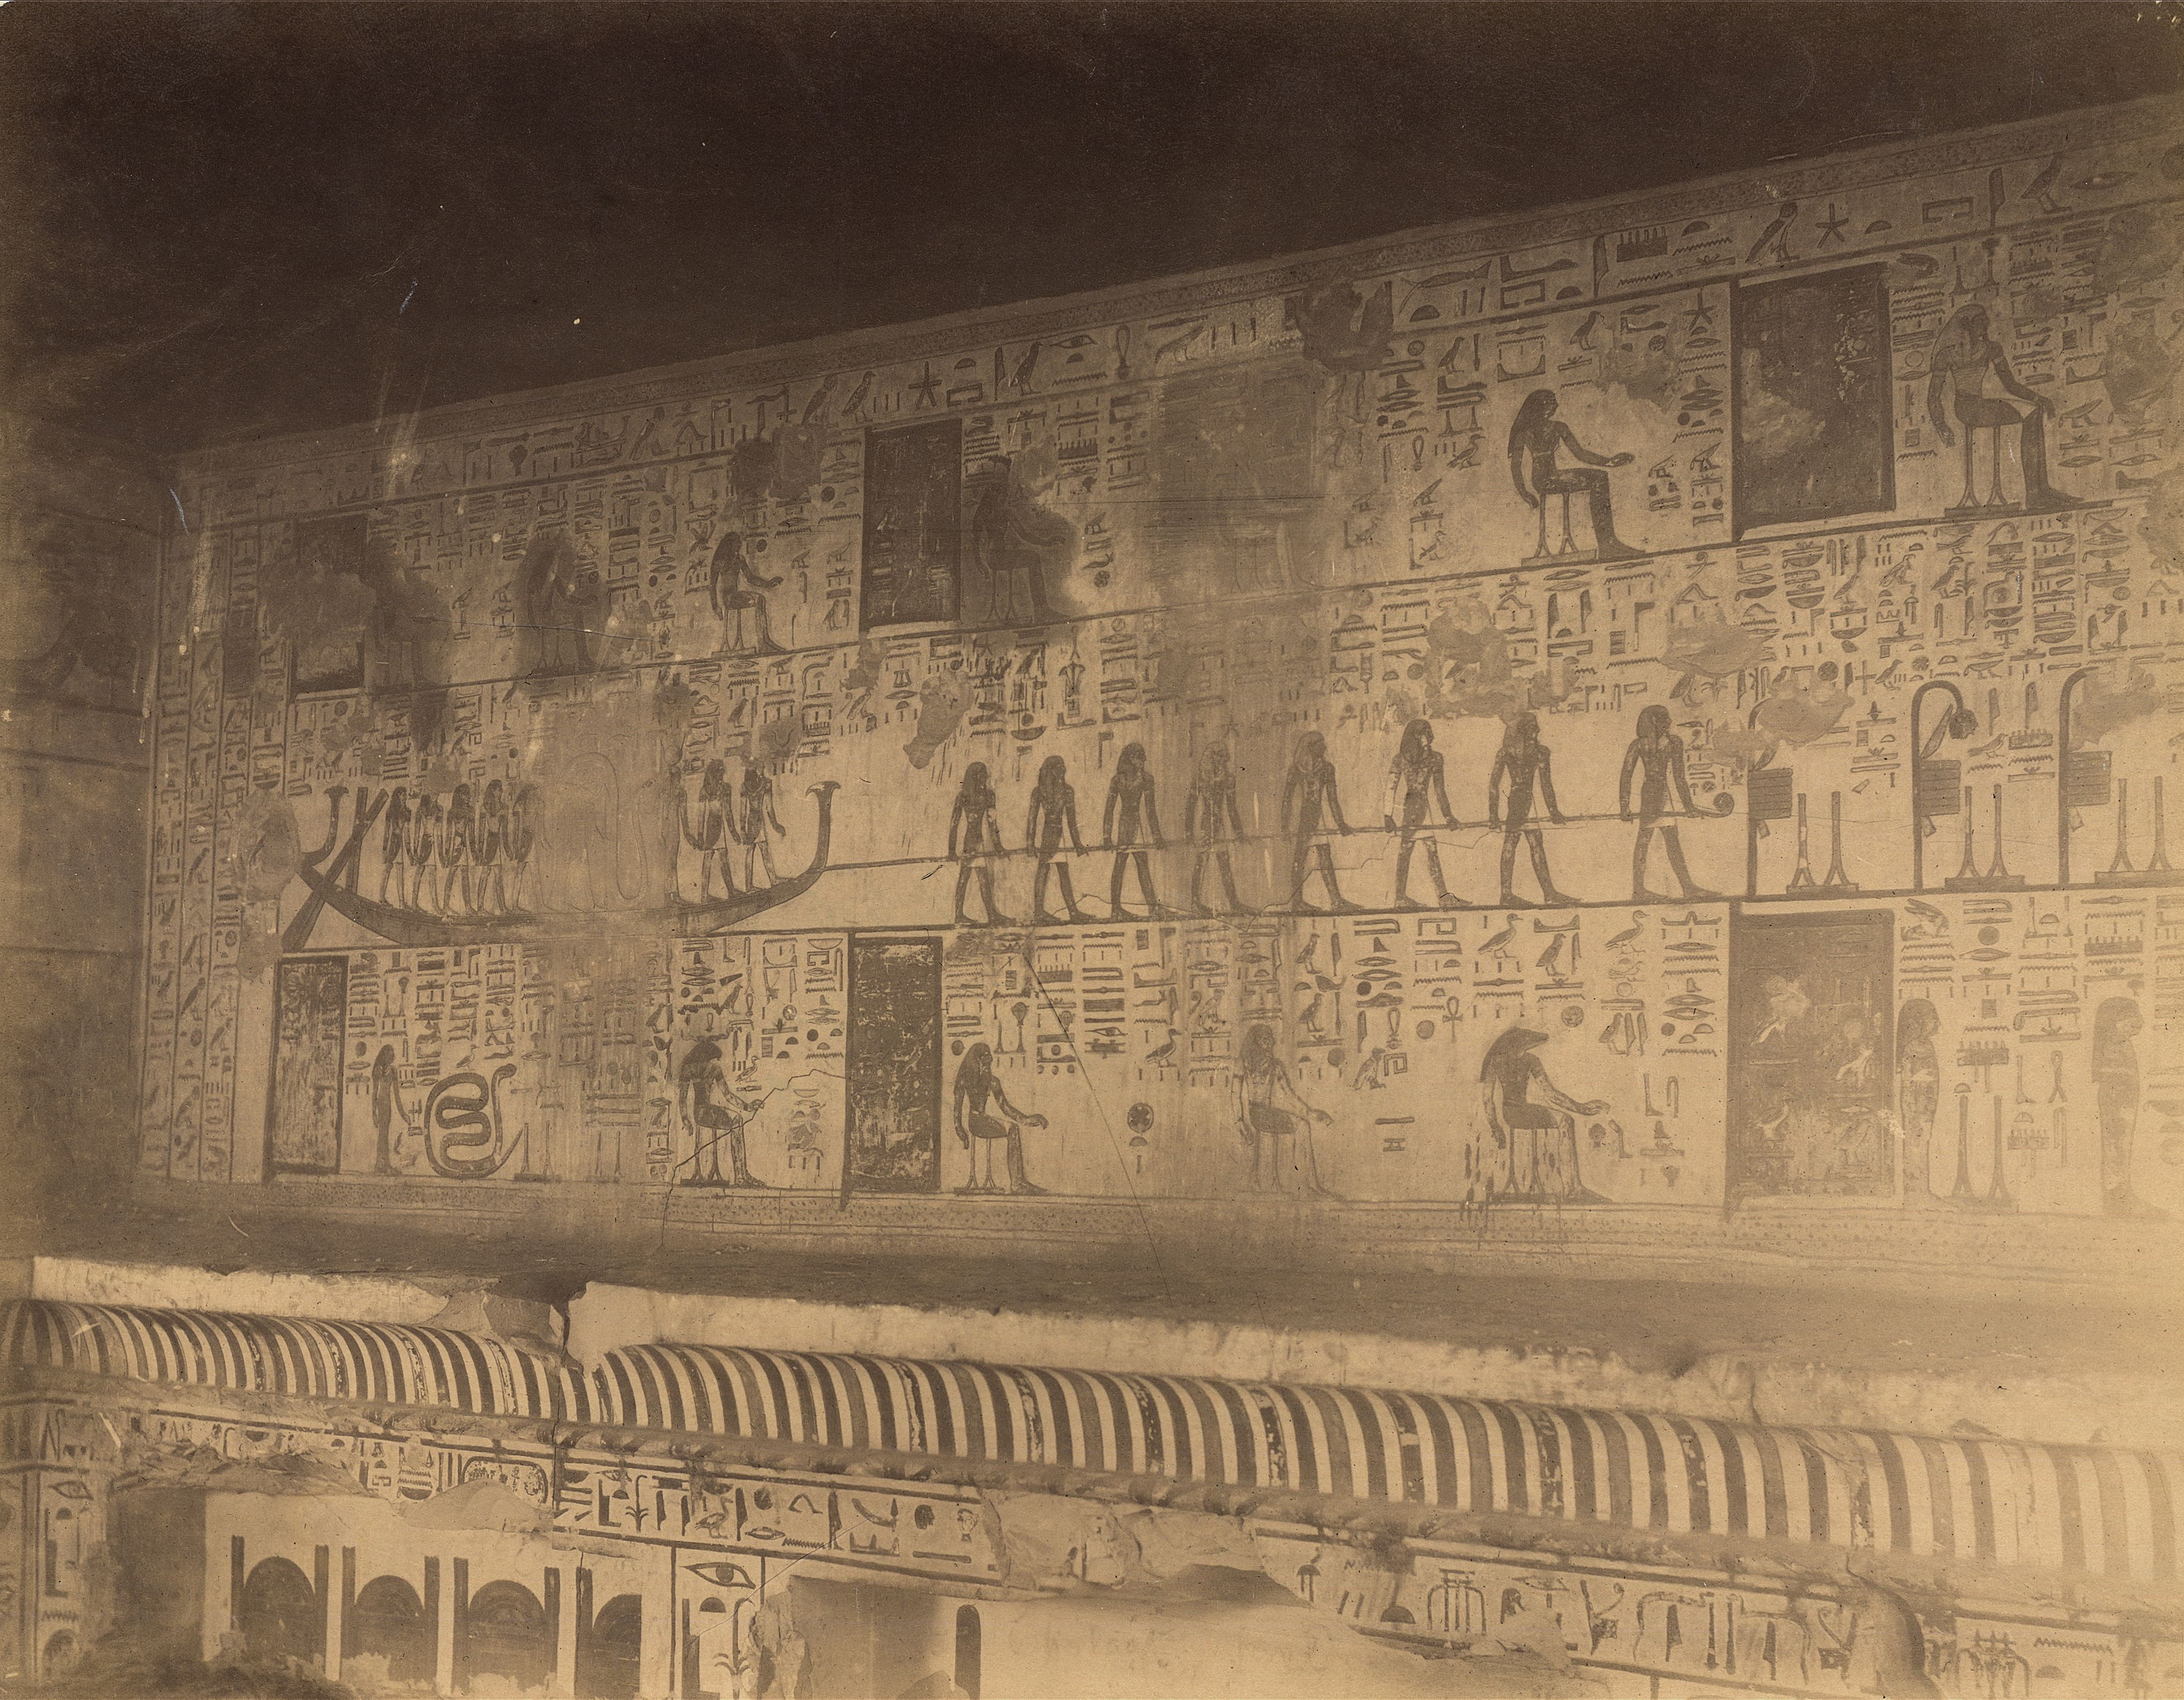 Долина царей. Погребальная камера Сети I. Боковая комната. На стенах показаны выдержки из заупокойной книги текстов Амдуата